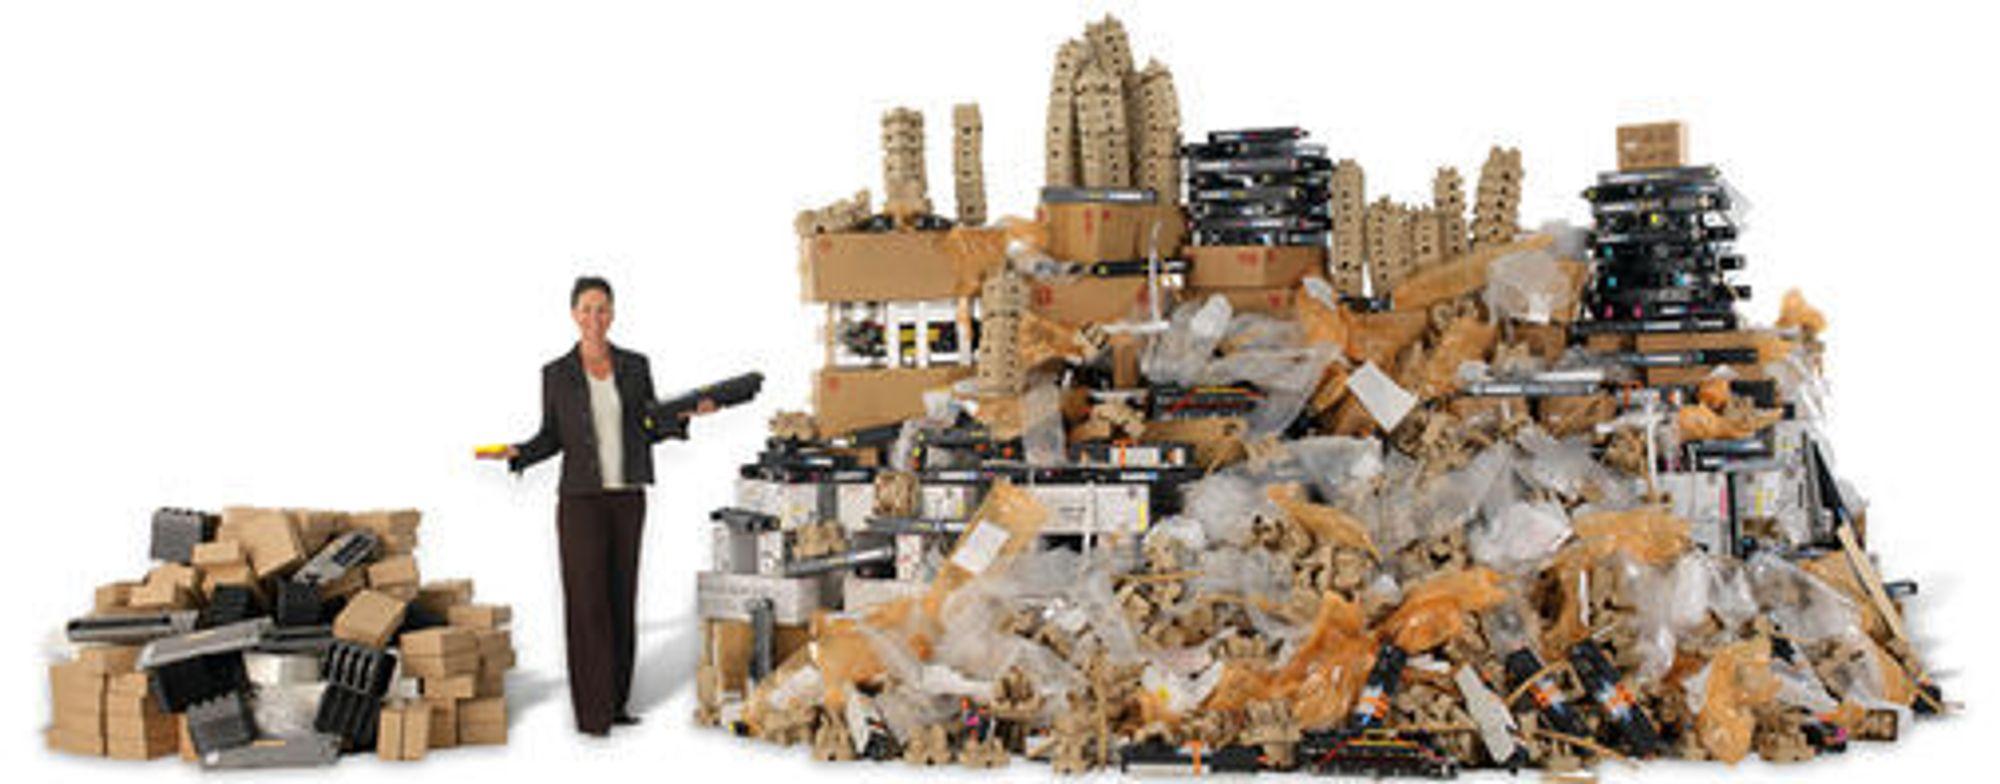 Over fire år med gjennomsnittlig 22 000 utskrifter per måned, blir det mye avfall etter rekvisita og utskiftbare deler. Søppelhaugen etter DocuQube til venstre, etter en tilsvarende lasermaskin til høyre.